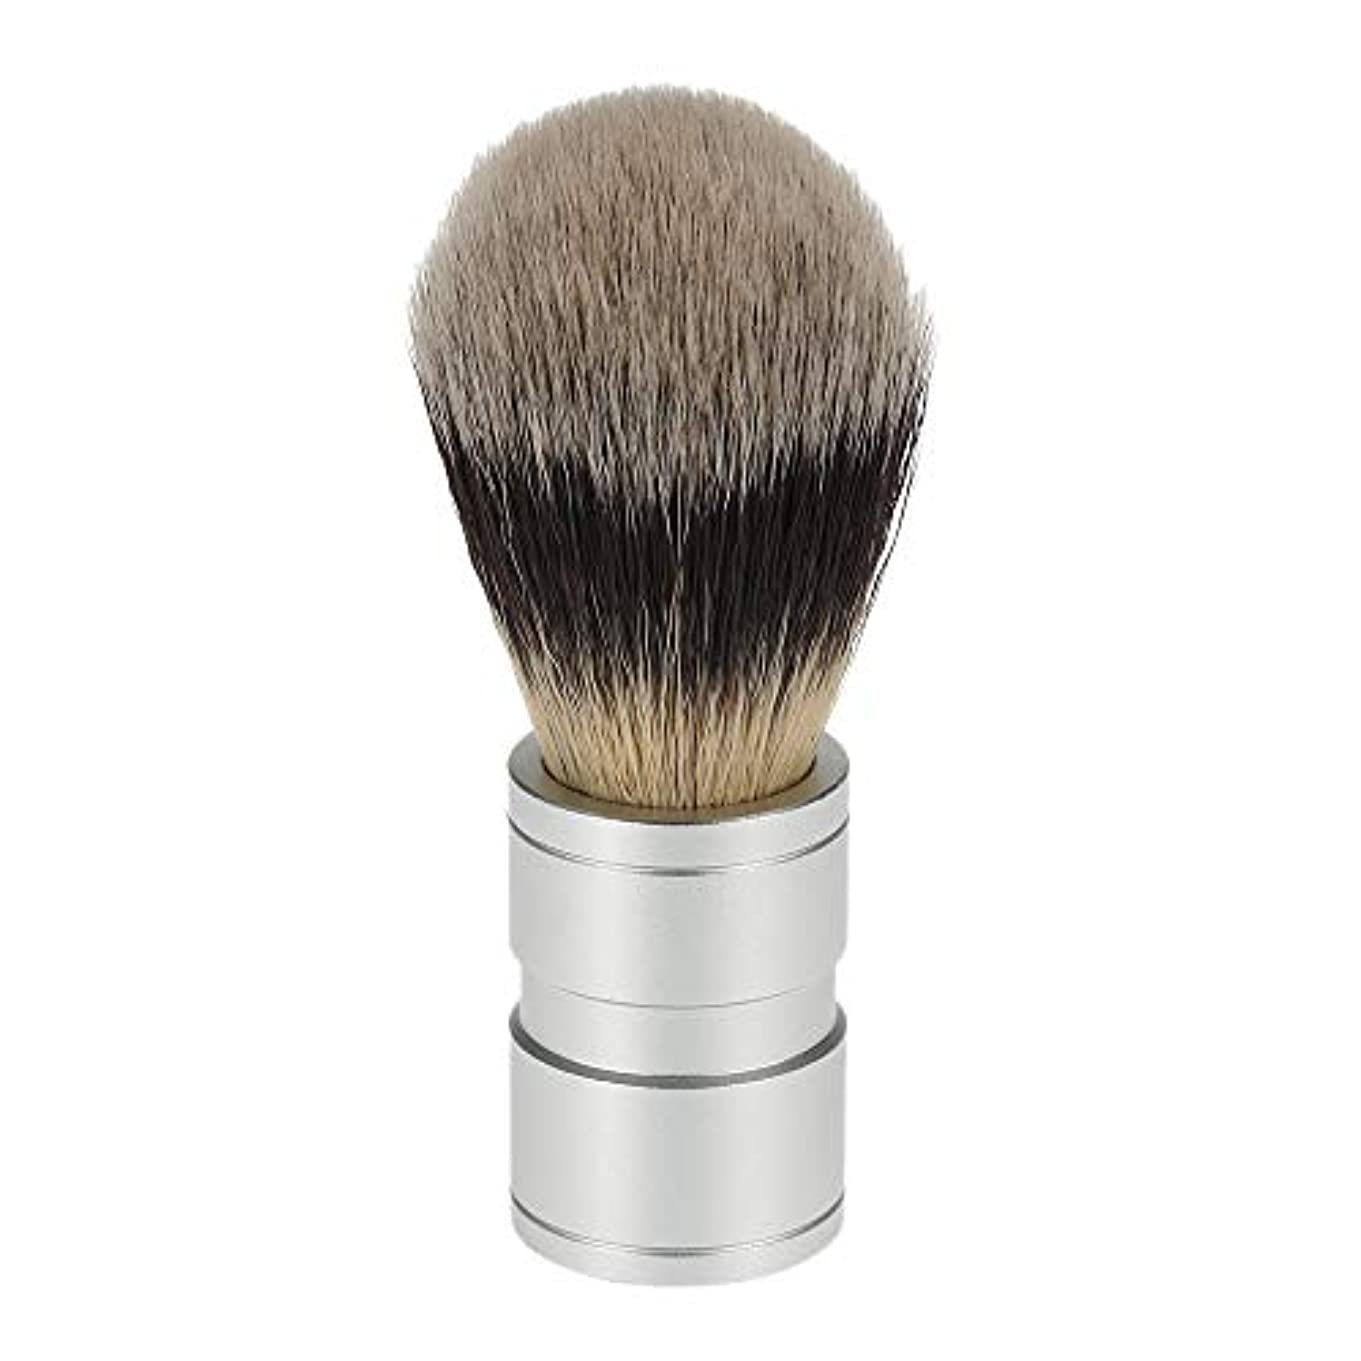 ディスコバースト枠ACAMPTAR 1ピース 男性のヘアシェービングブラシ ステンレス金属ハンドル ソフト合成ナイロンヘア理髪ブラシ 快適な ひげ剃りツール